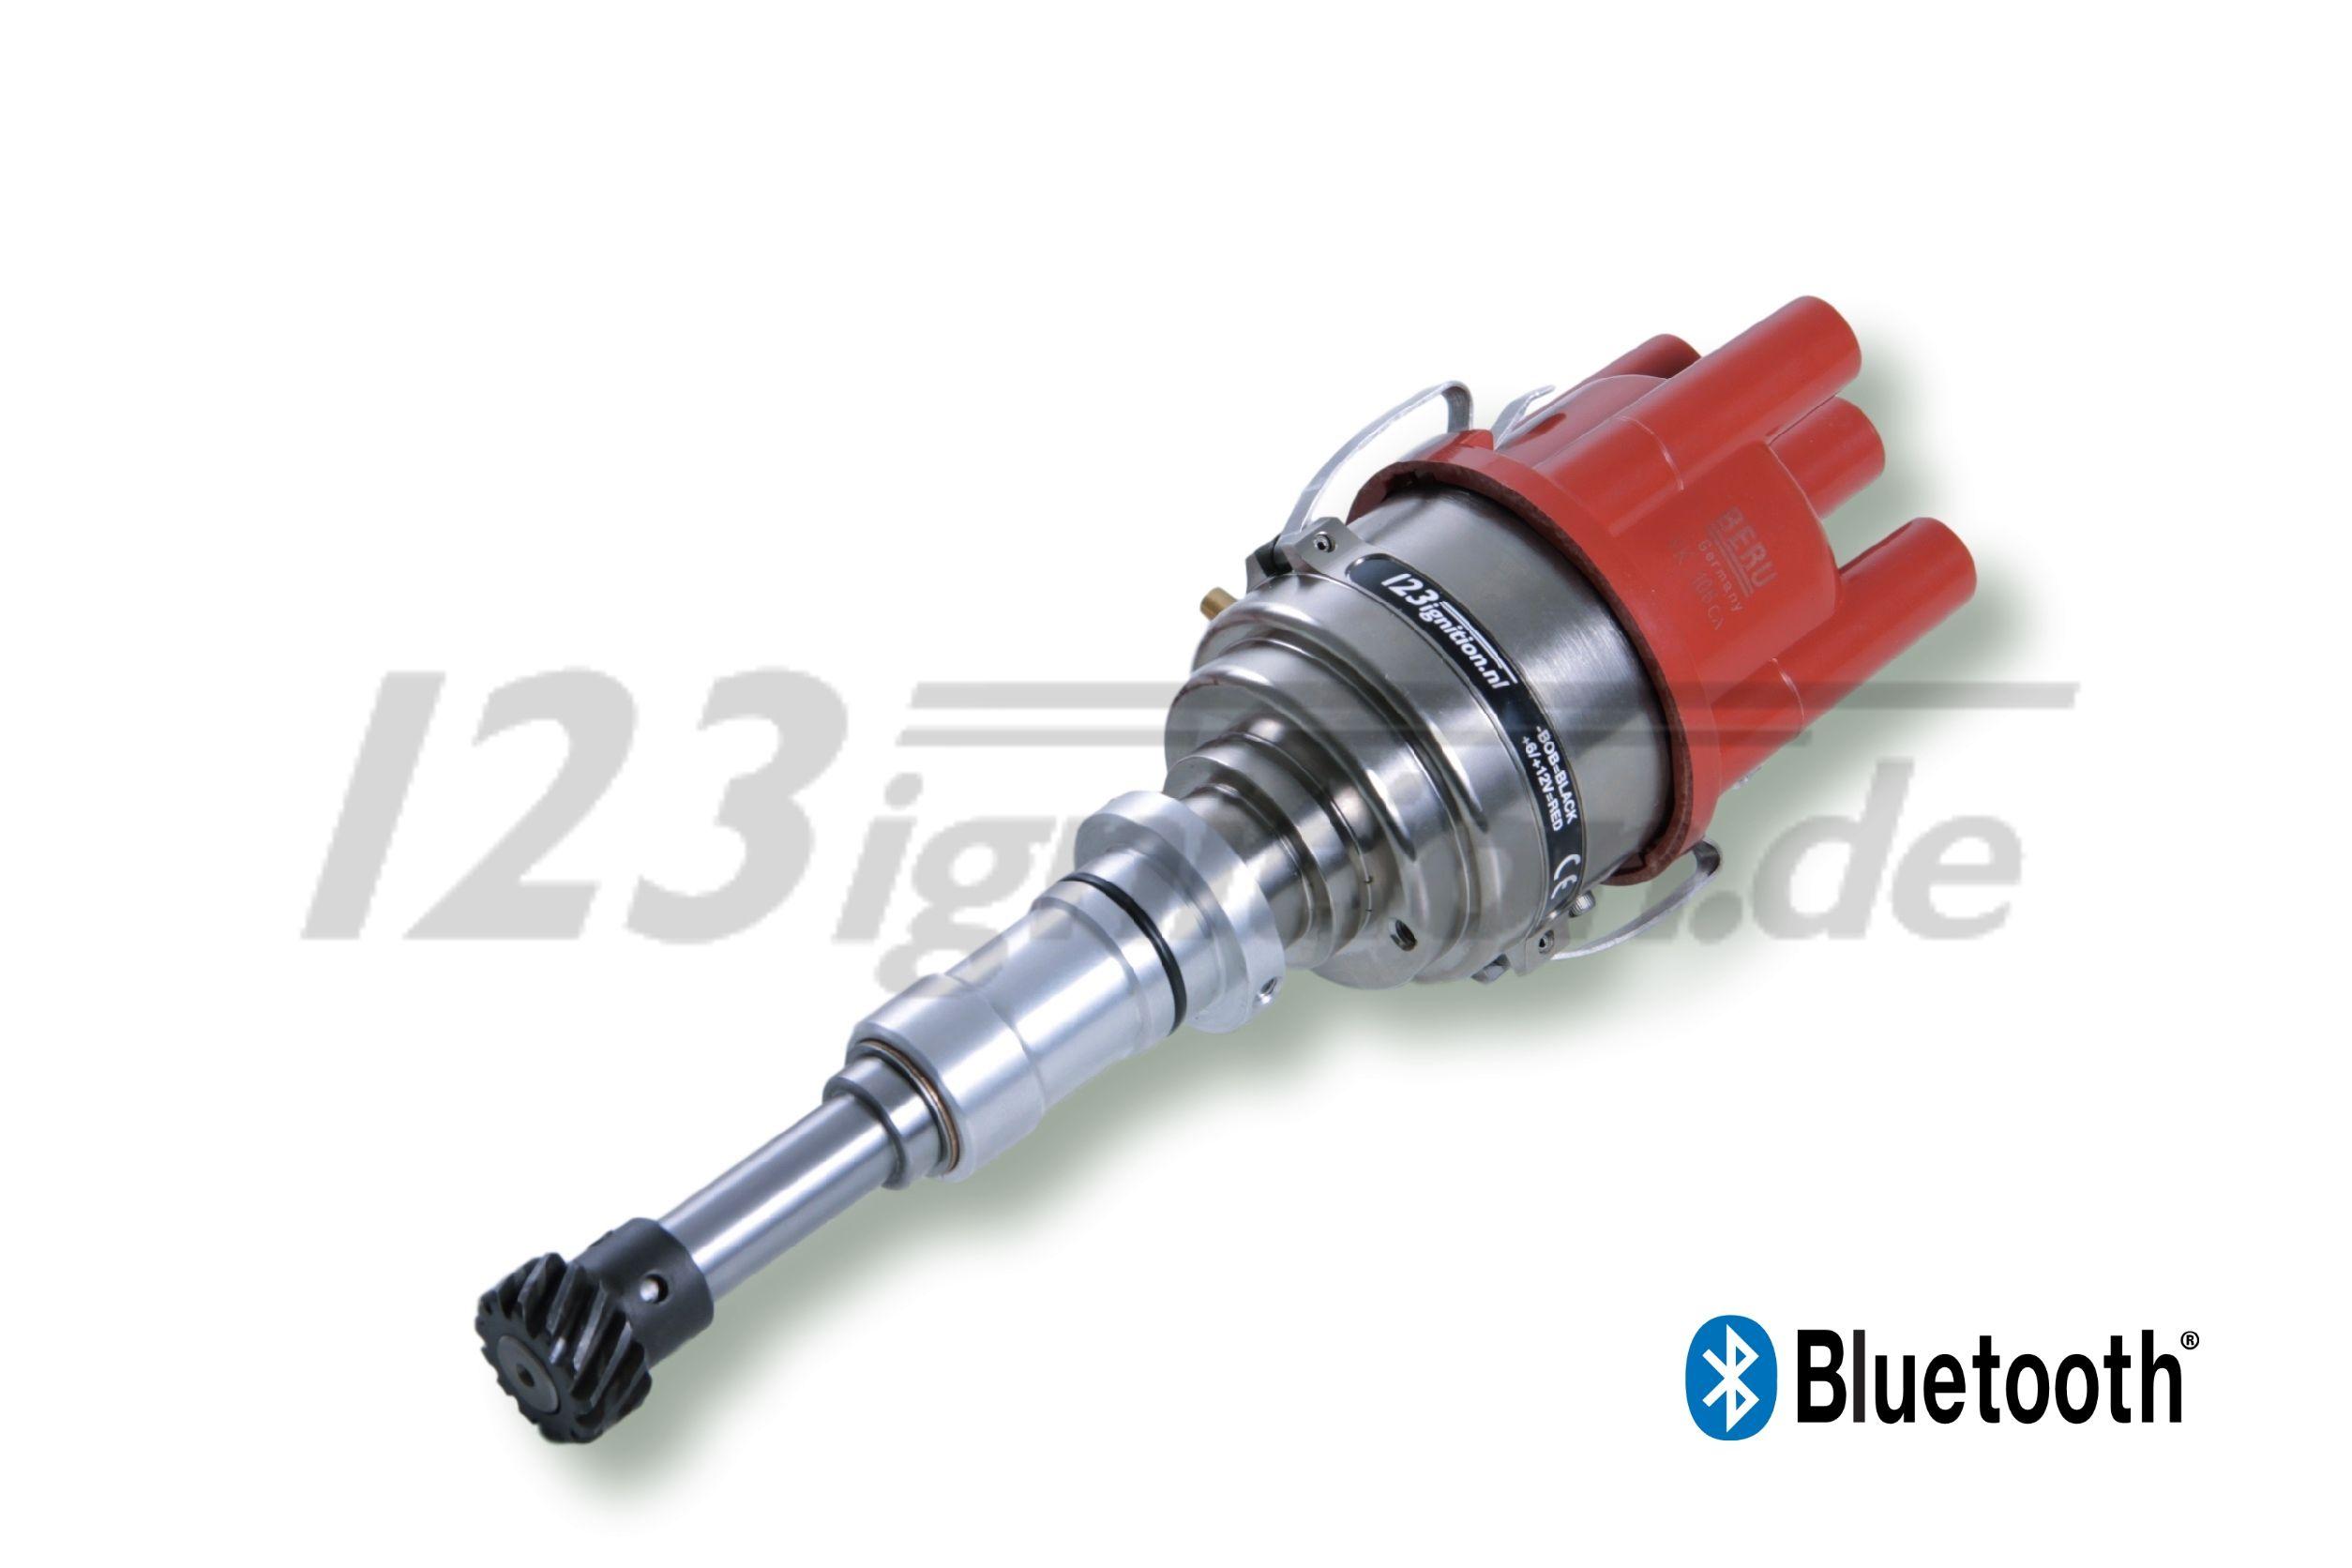 123 ignition   Simca 1000   Boutique en ligne 38ccf7b8de27